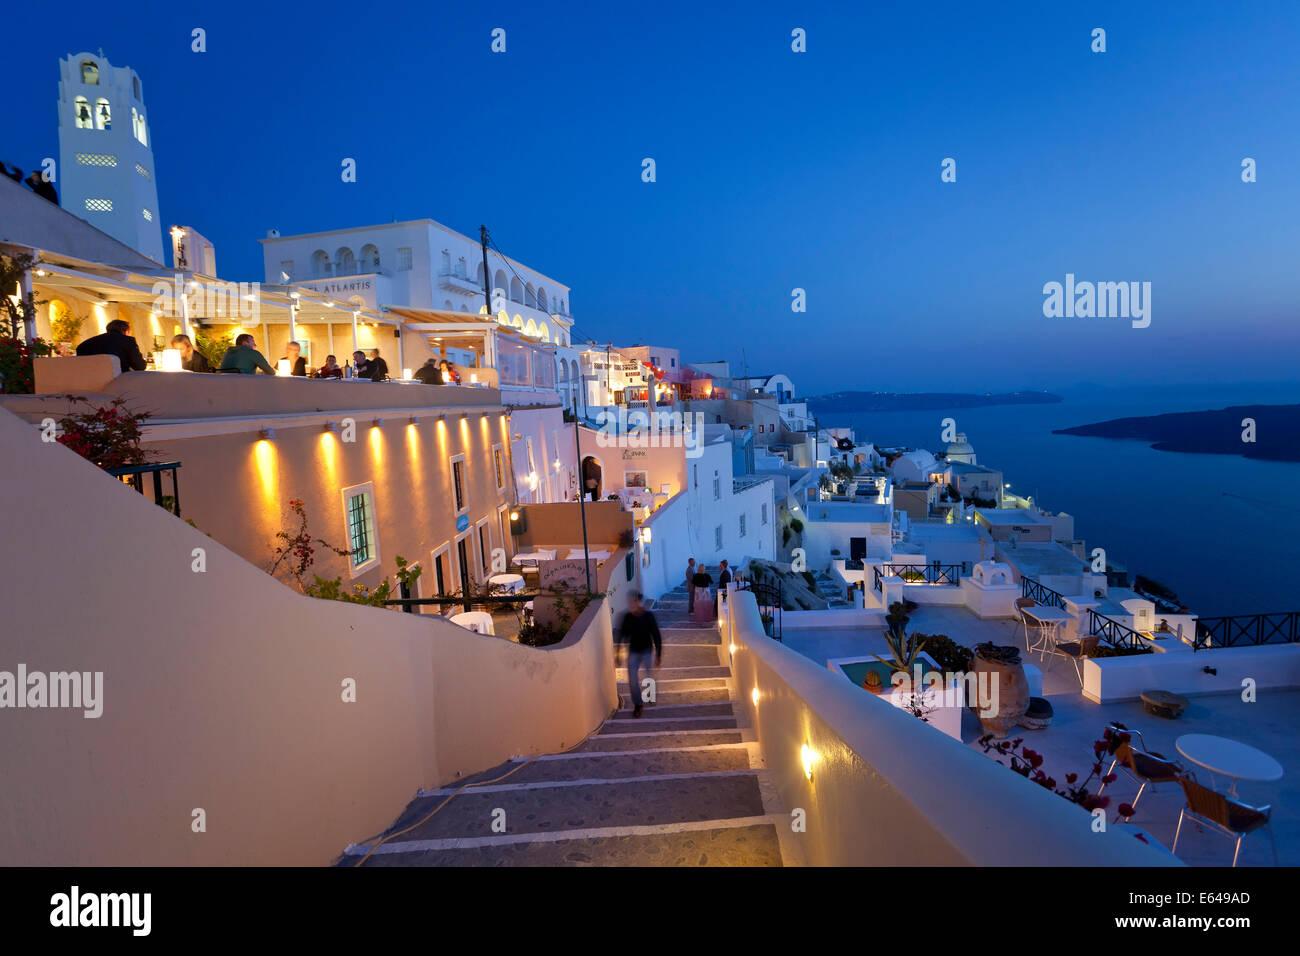 La ville de Fira, au crépuscule, Fira, Santorin (thira), Cyclades, Grèce Photo Stock